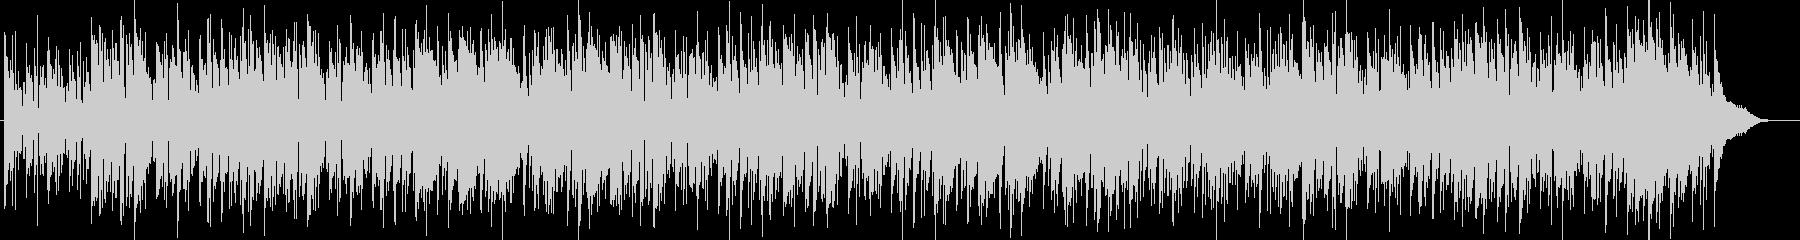 ボサノバ風の曲の未再生の波形